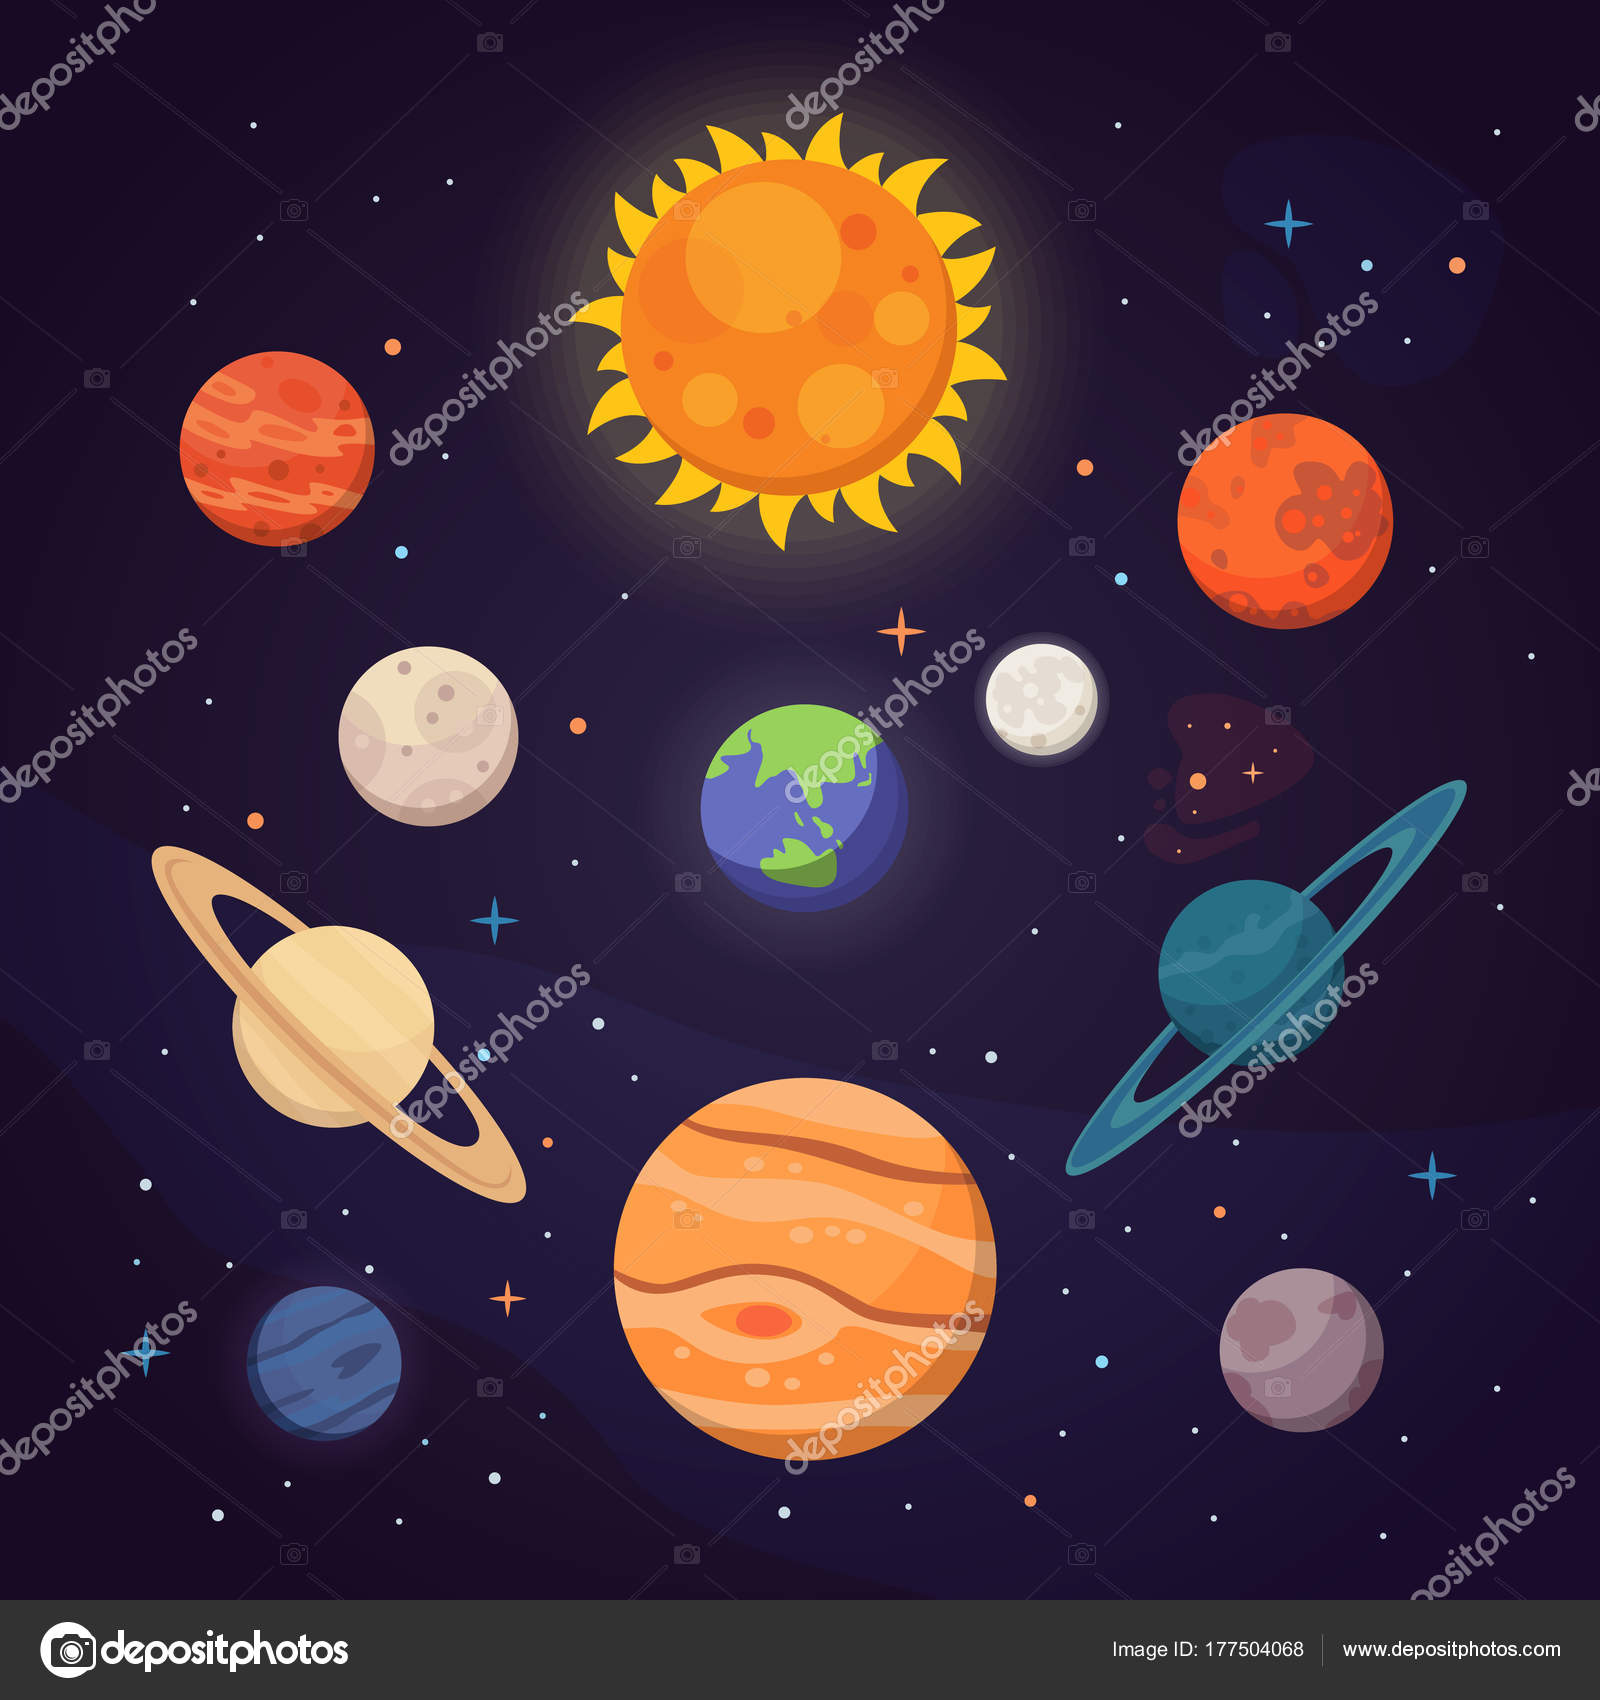 Sada Barevnych Jasnych Planet Slunecni Soustava Prostor S Hvezdami